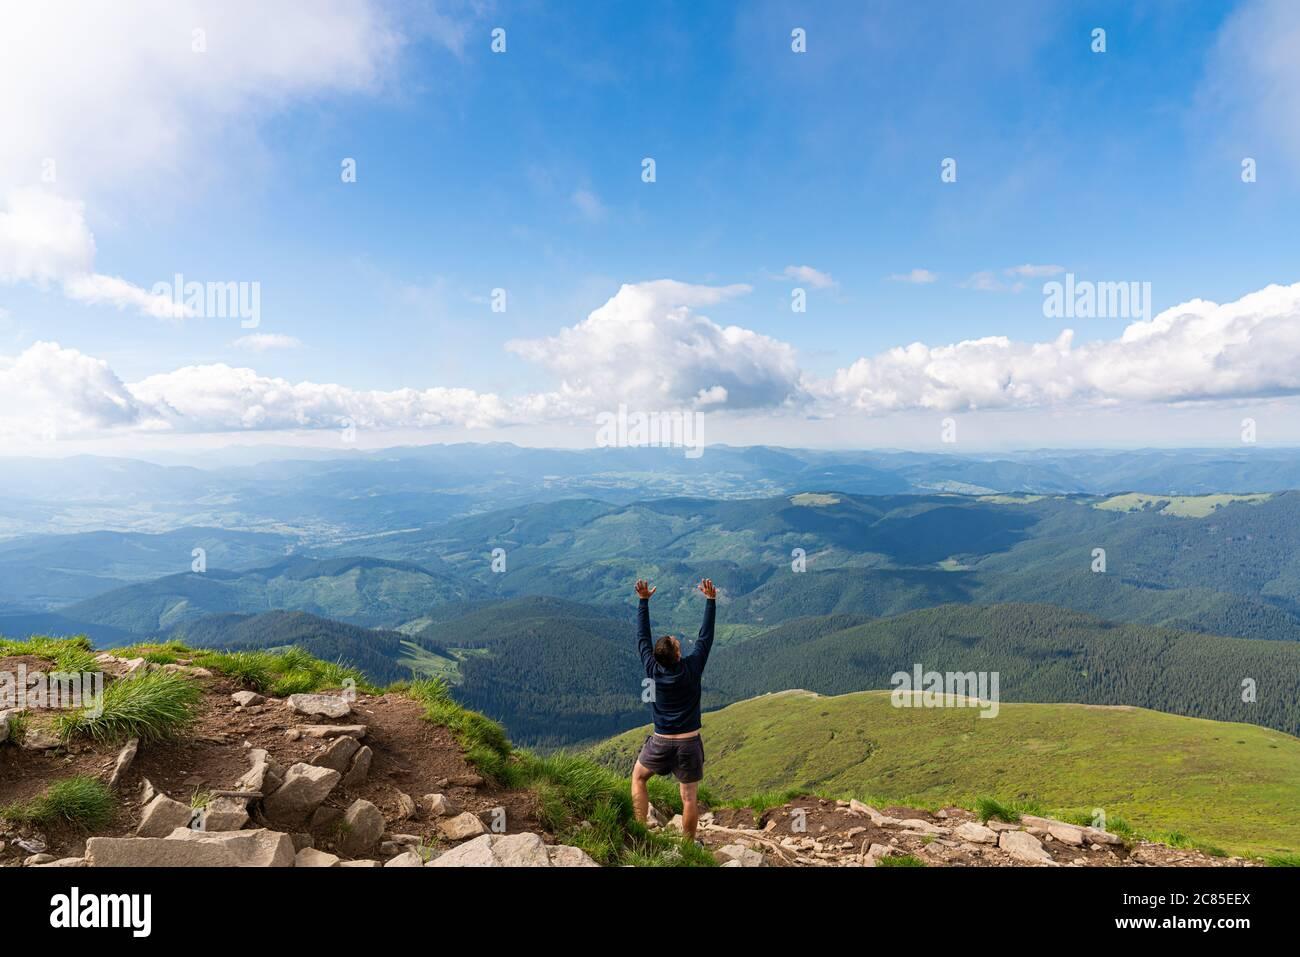 Silueta del hombre en la cima de la cima de la montaña en el cielo del amanecer. Foto conceptual del deporte y la vida activa Foto de stock